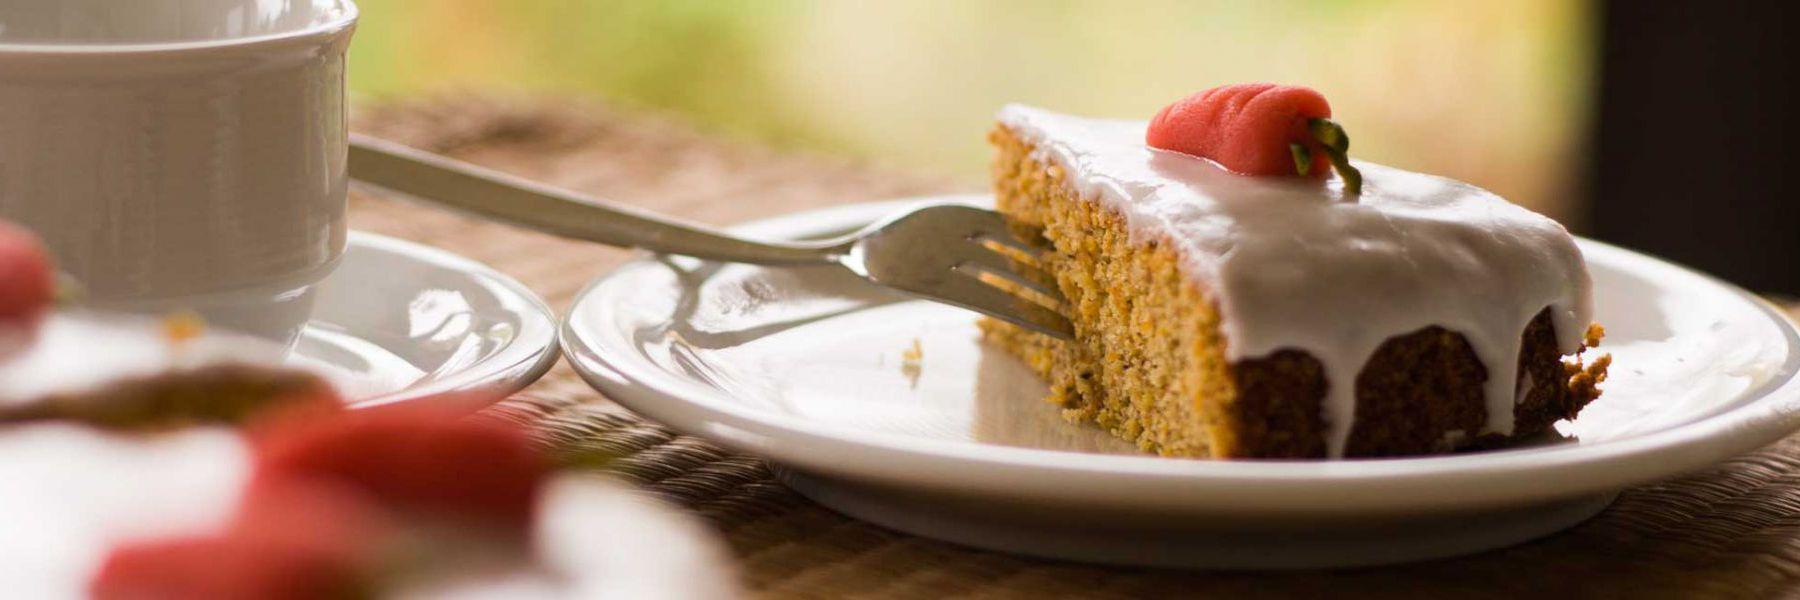 Trudels Glutenfreies Kochbuch 199 Kuchen